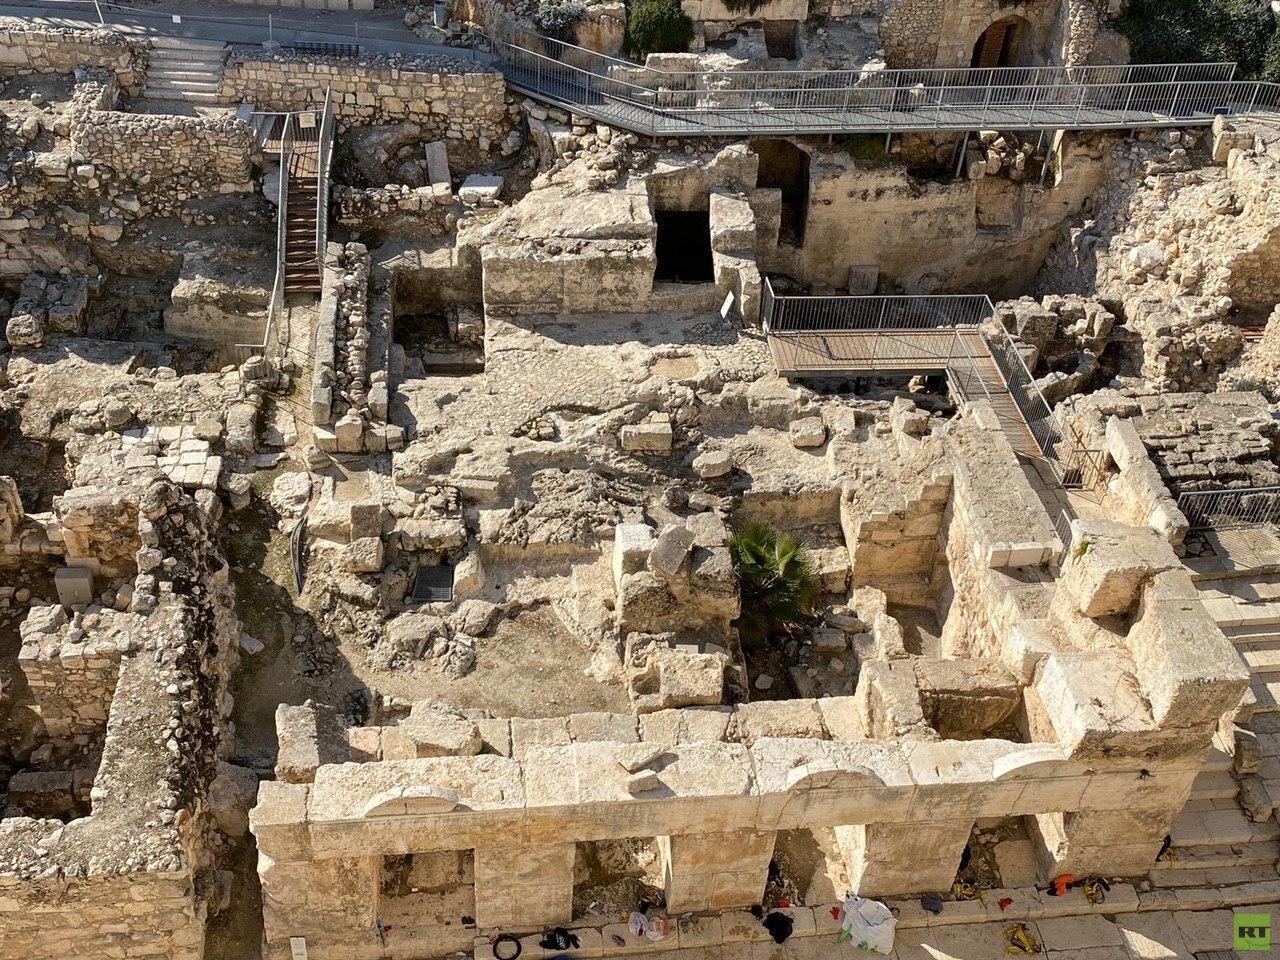 دائرة أوقاف القدس تعرب عن قلقها من الحفريات الإسرائيلية في الأقصى (صور+ فيديو)